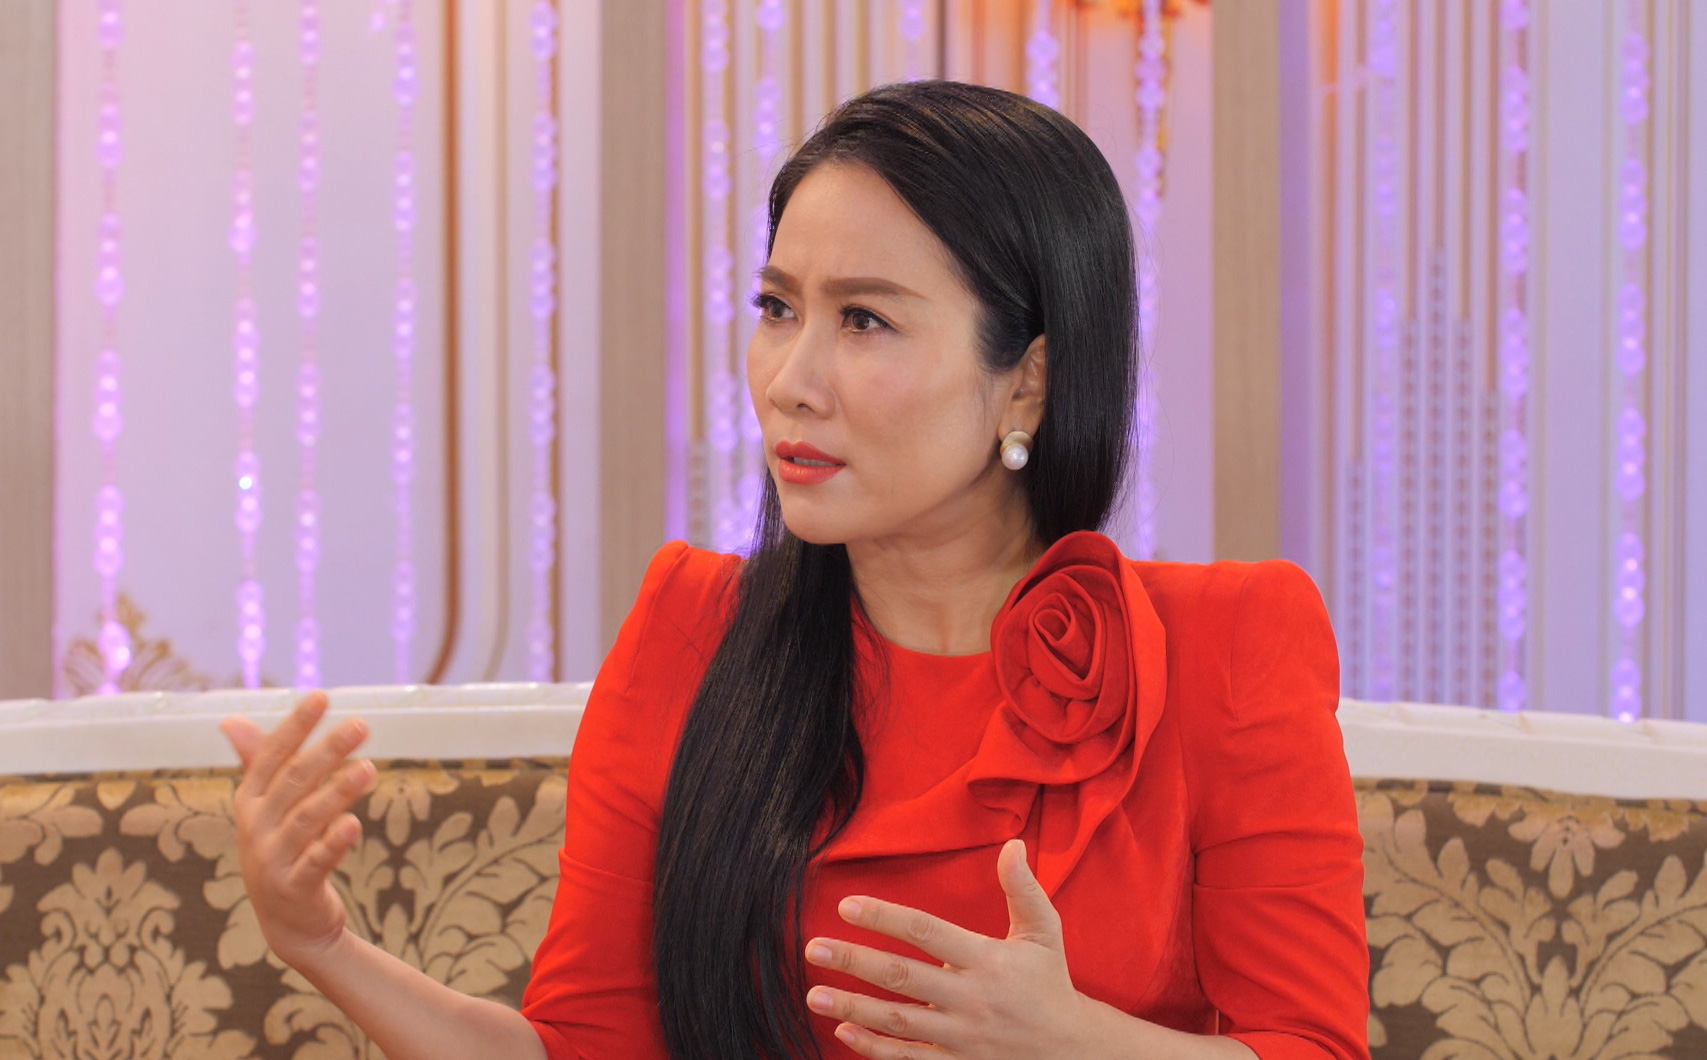 NSƯT Vân Khánh: Tôi bị một ca sĩ nổi tiếng bắt nạt, giành diễn, lập tức gặp bầu show xin về